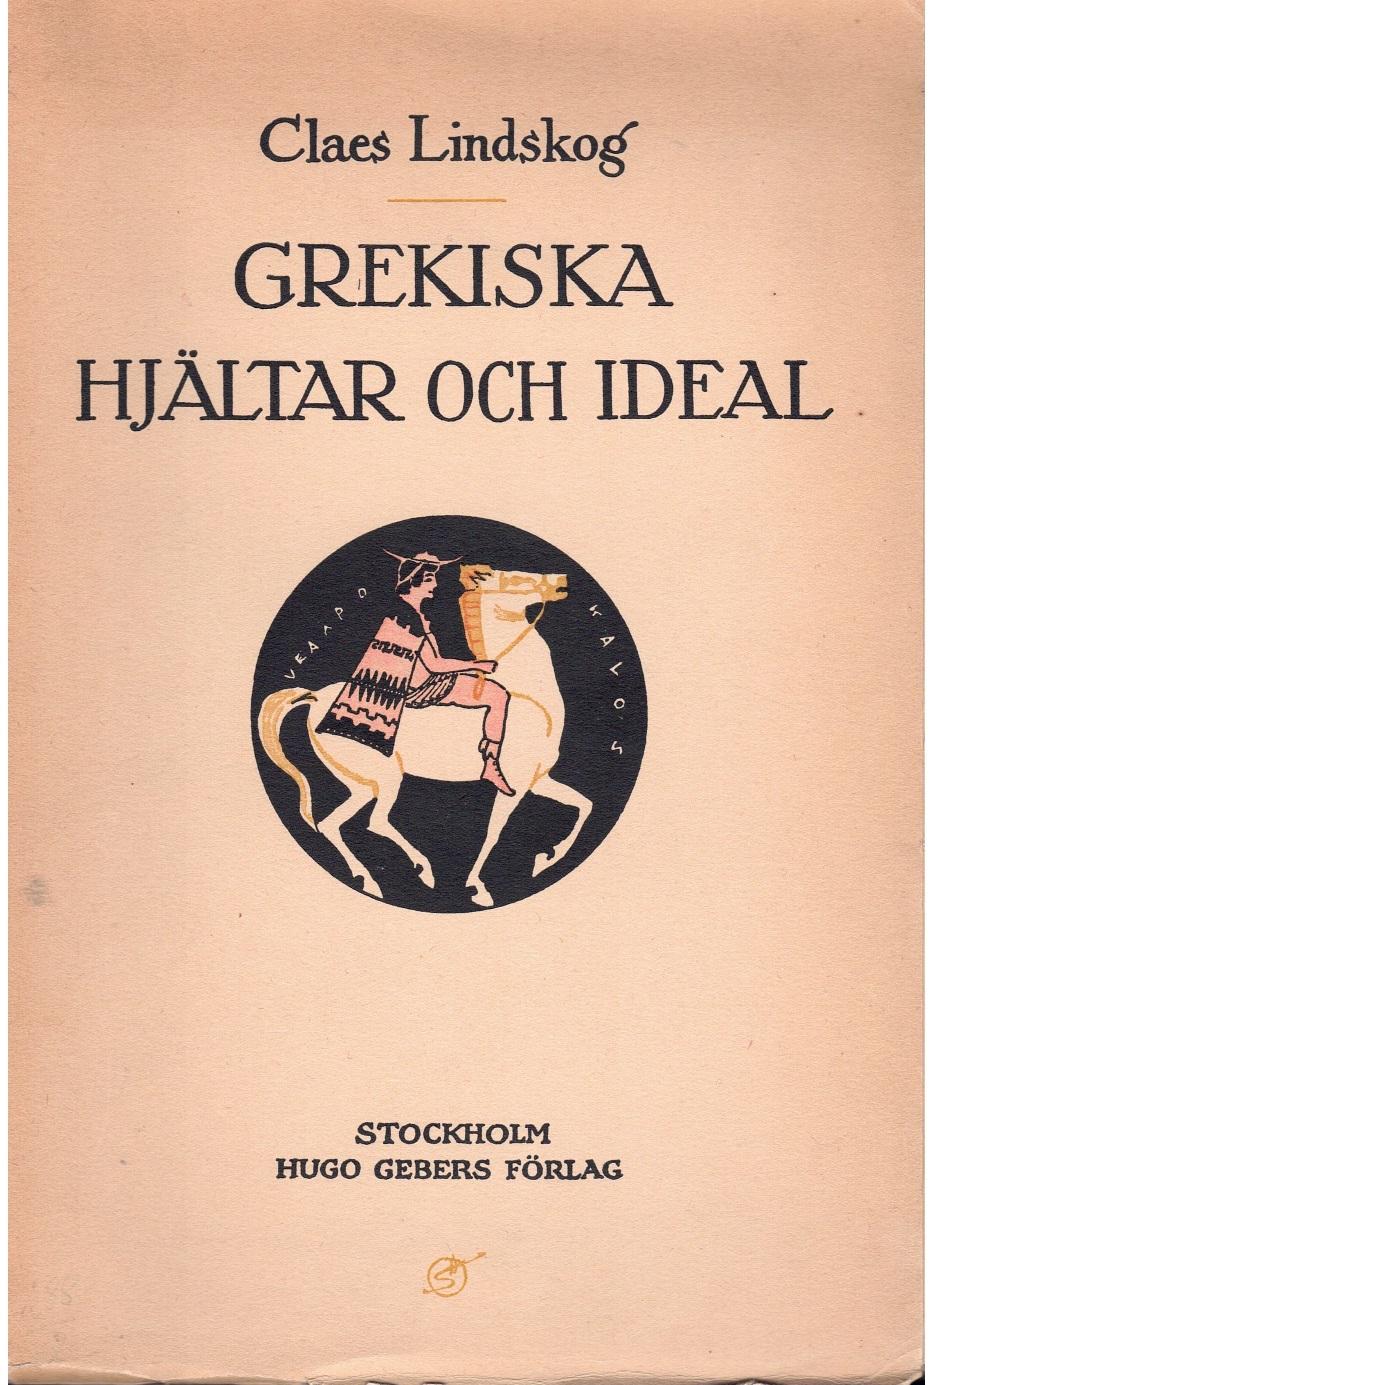 Grekiska hjältar och ideal - Lindskog, Claes